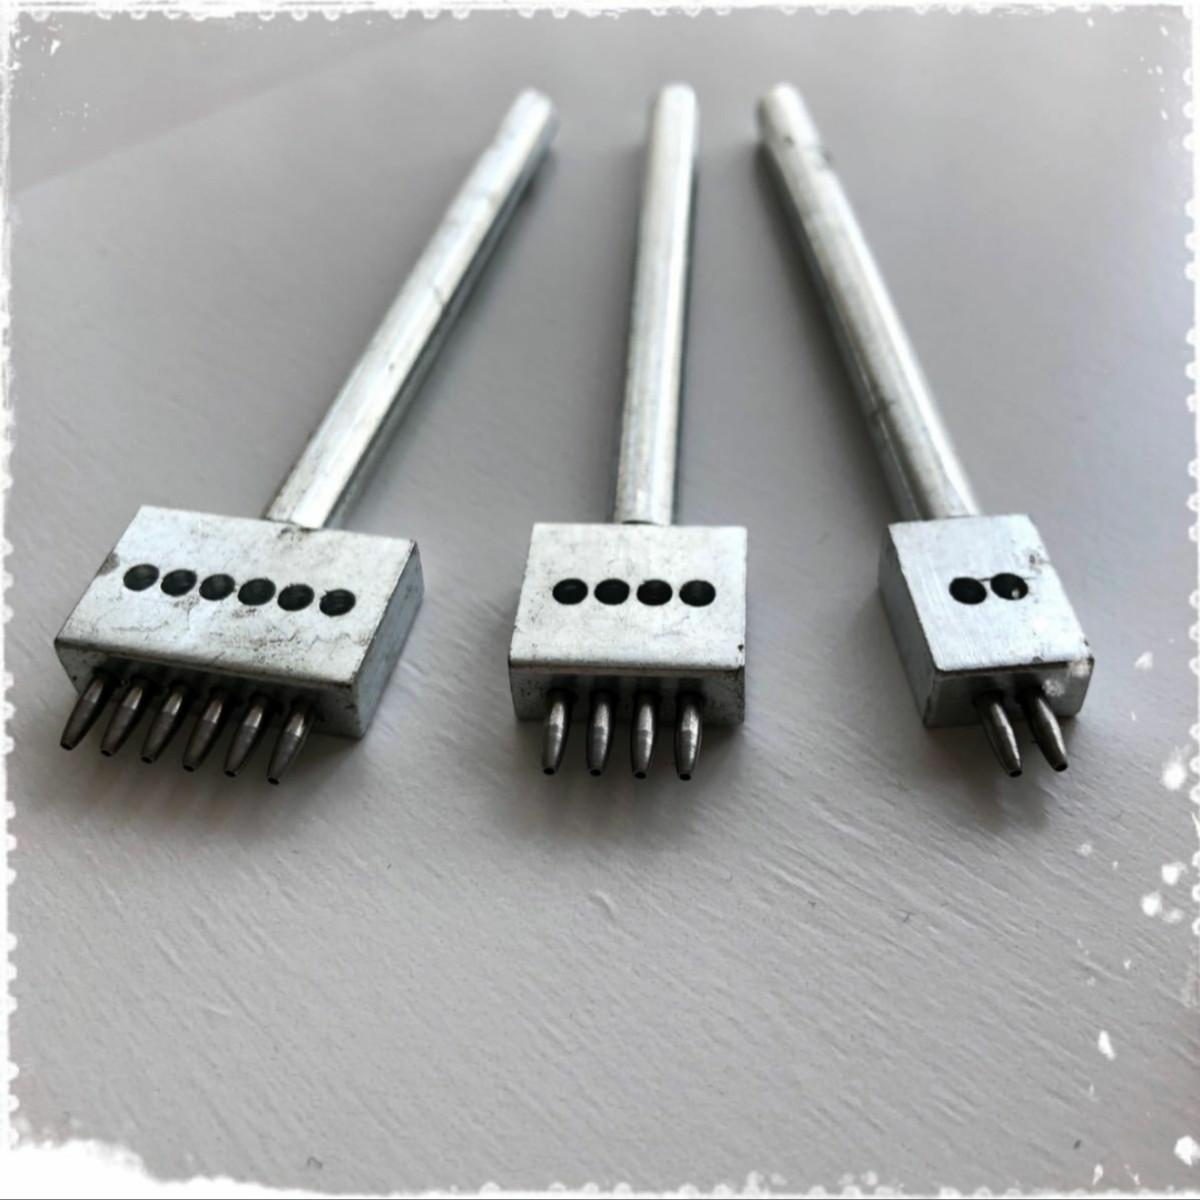 レザークラフト工具 丸穴 4mmピッチ 目打ち  3本セット